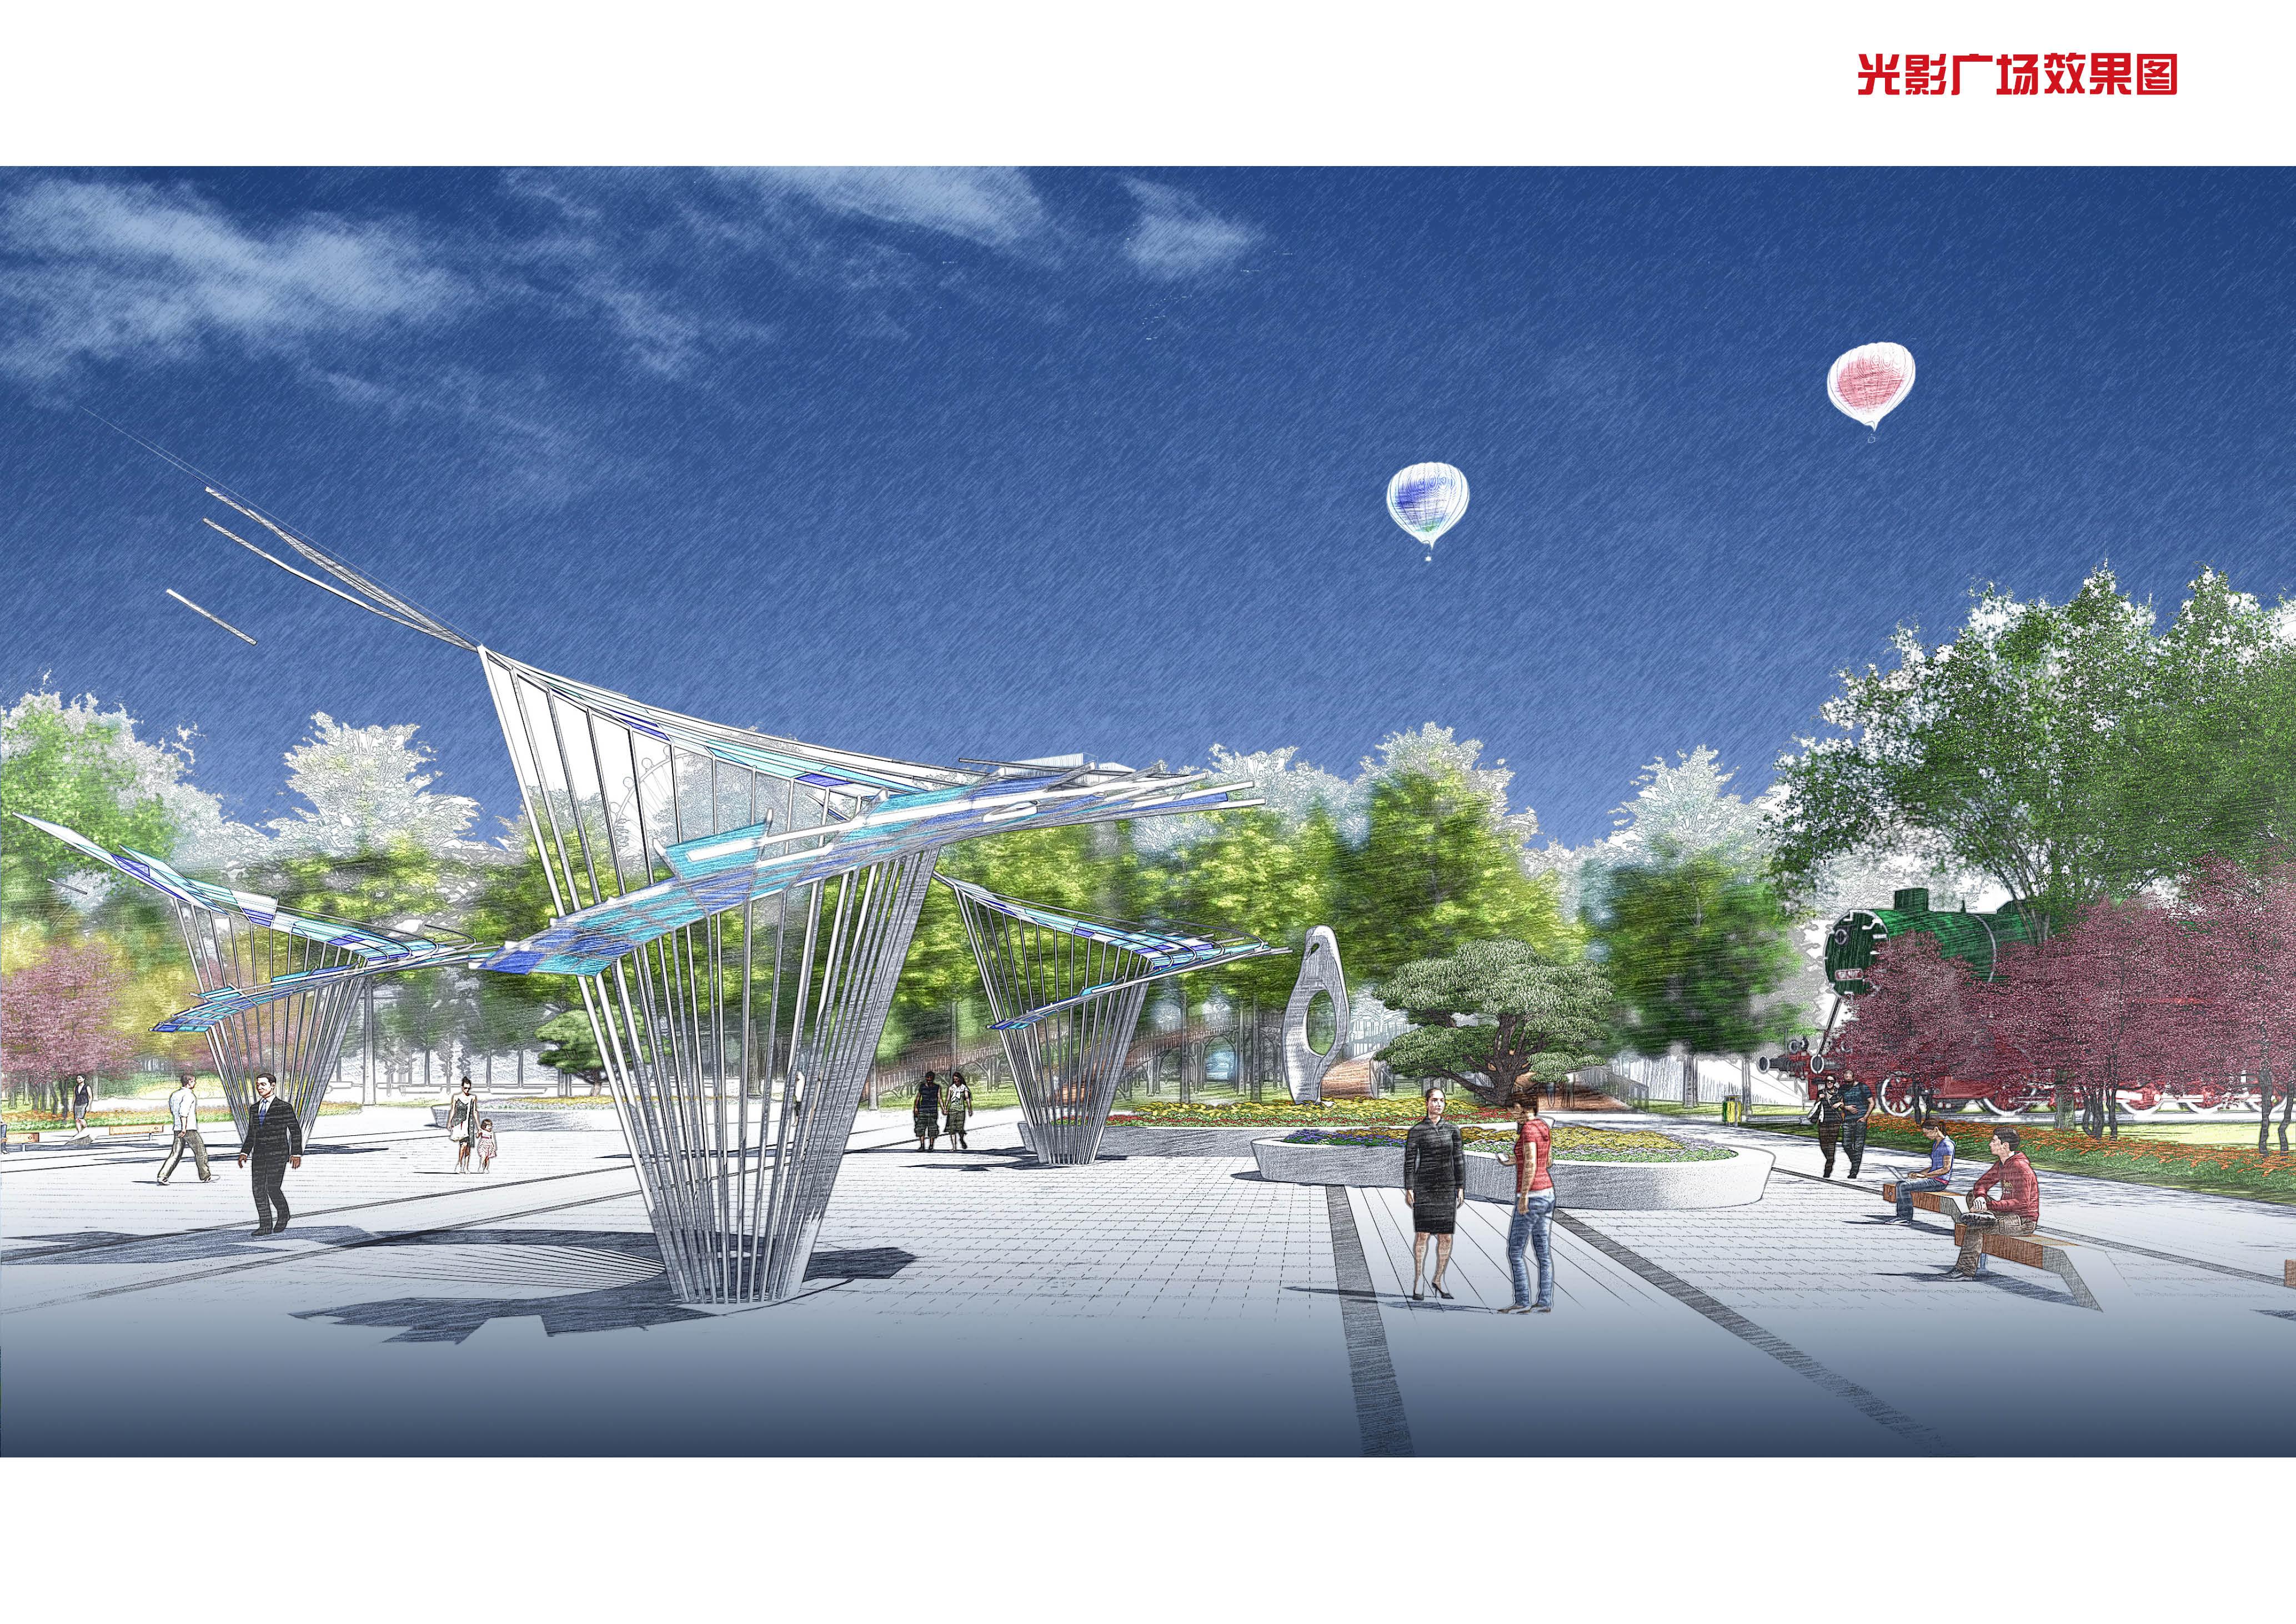 洋口港开发区海洋主题公园-洋口港开发区海洋主题公园景观设计53